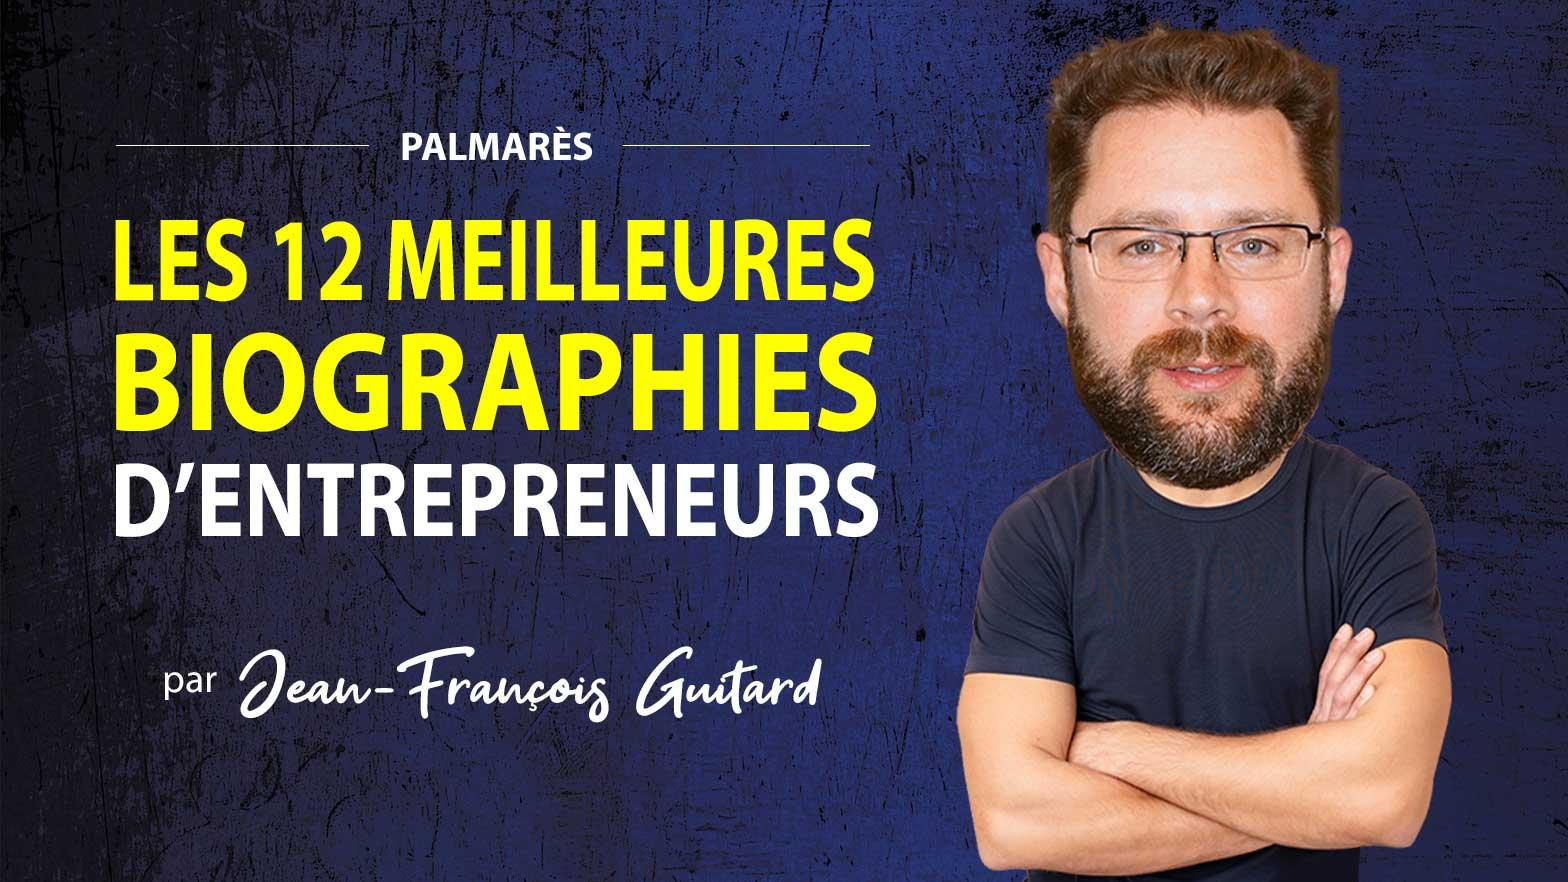 12 meilleurs biographies entrepreneurs